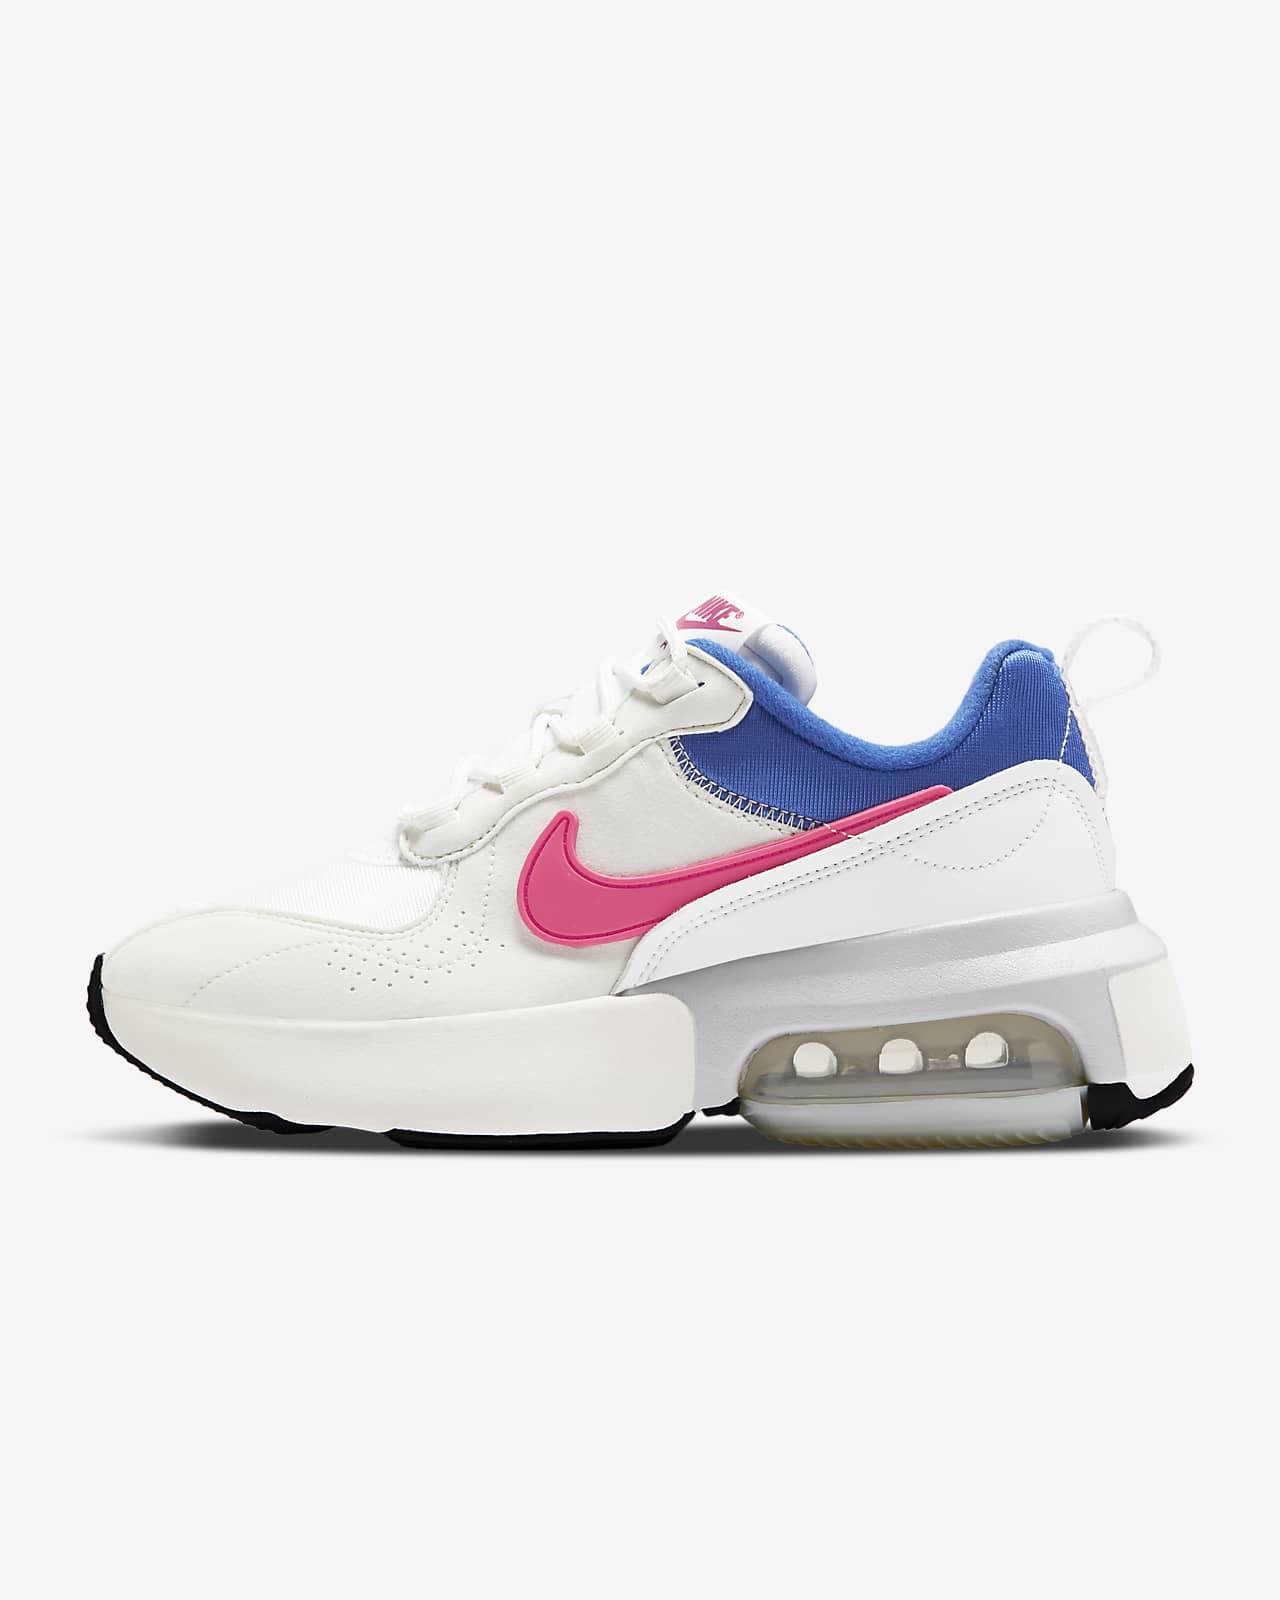 nike femmes chaussures air